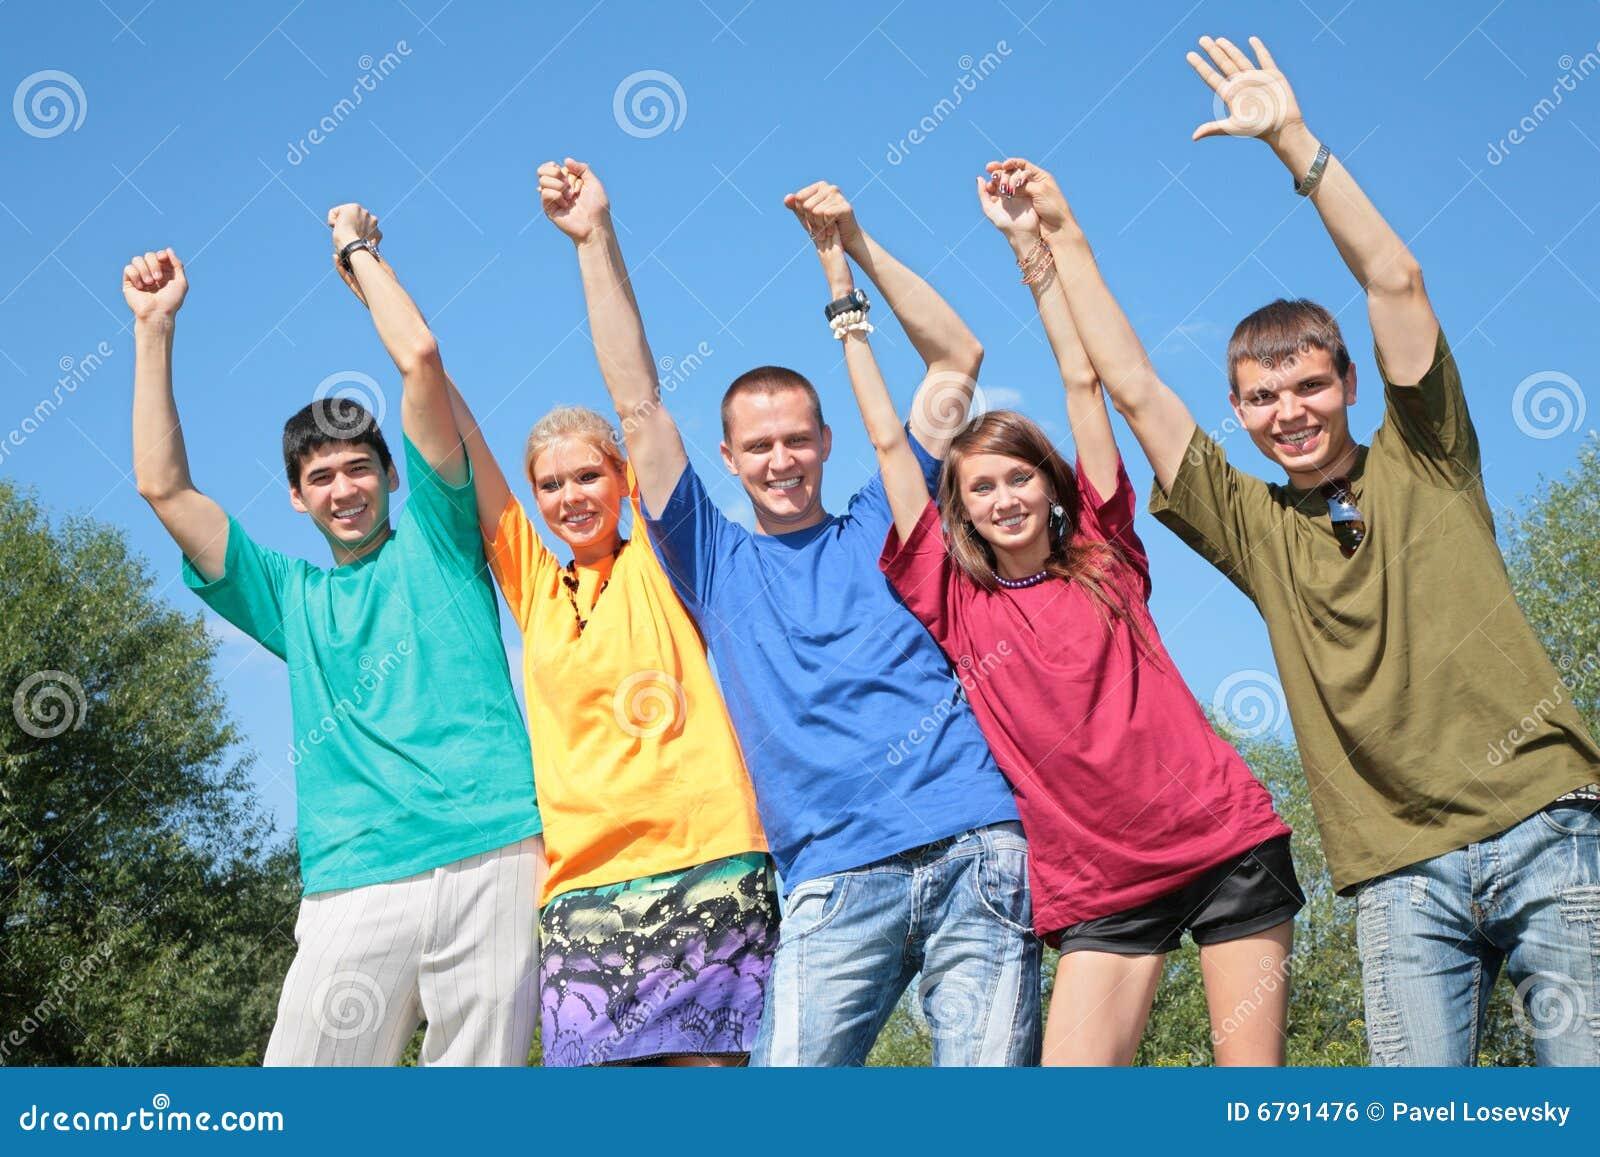 Groep vrienden in veelkleurige overhemden